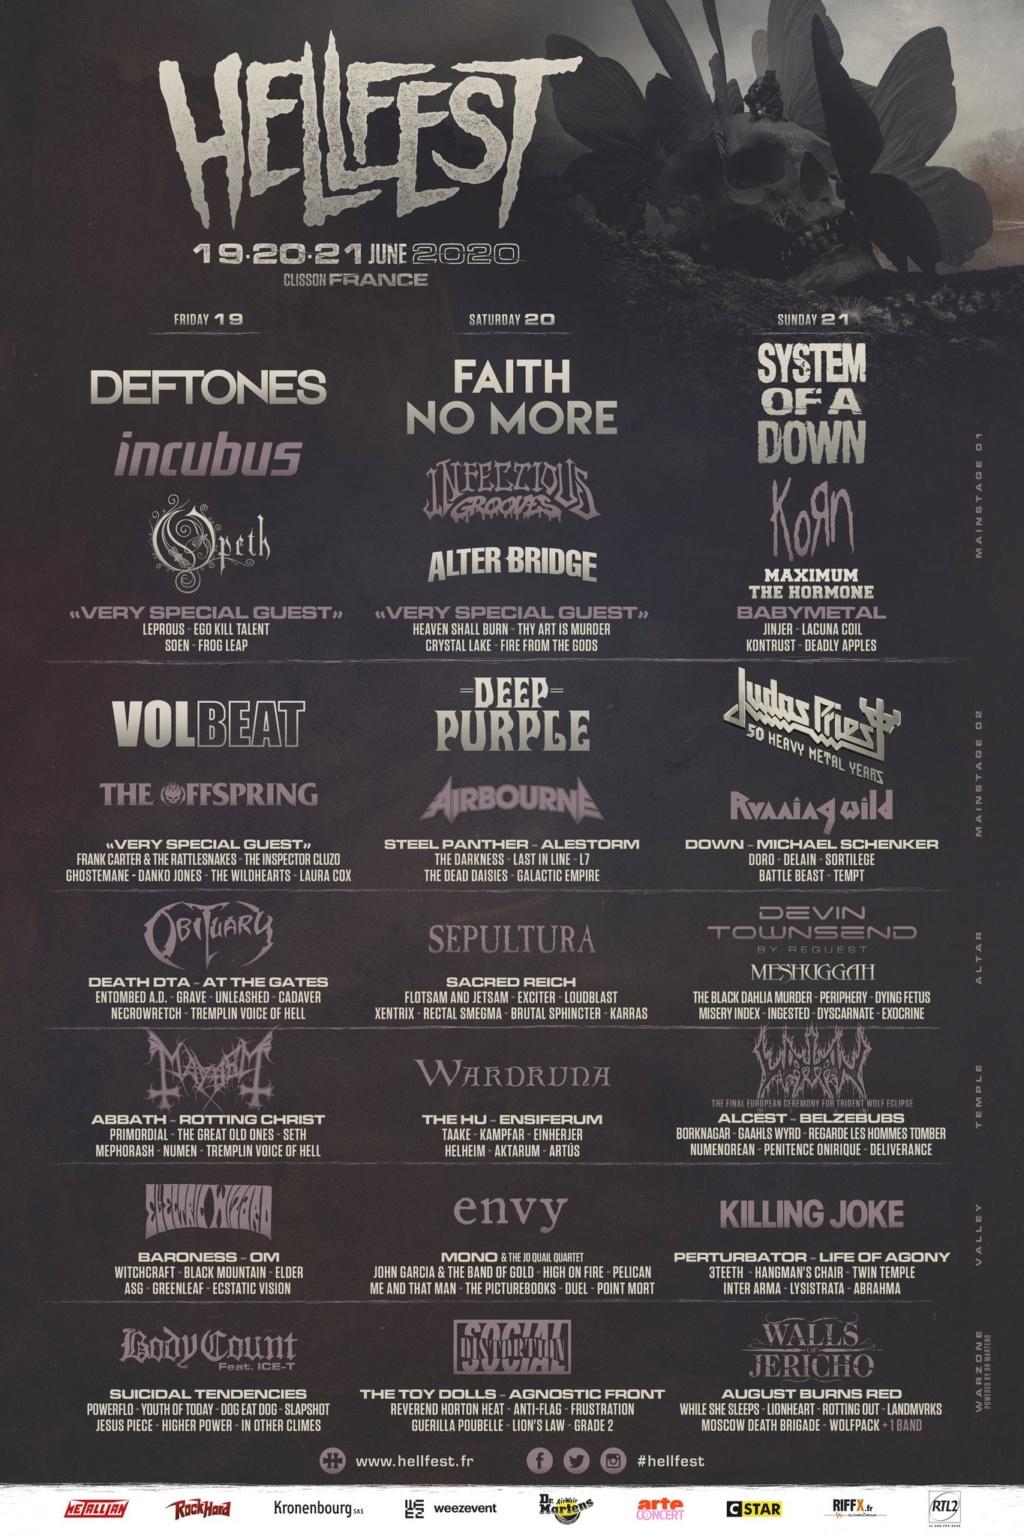 Hellfest 2020 Ekuypo10